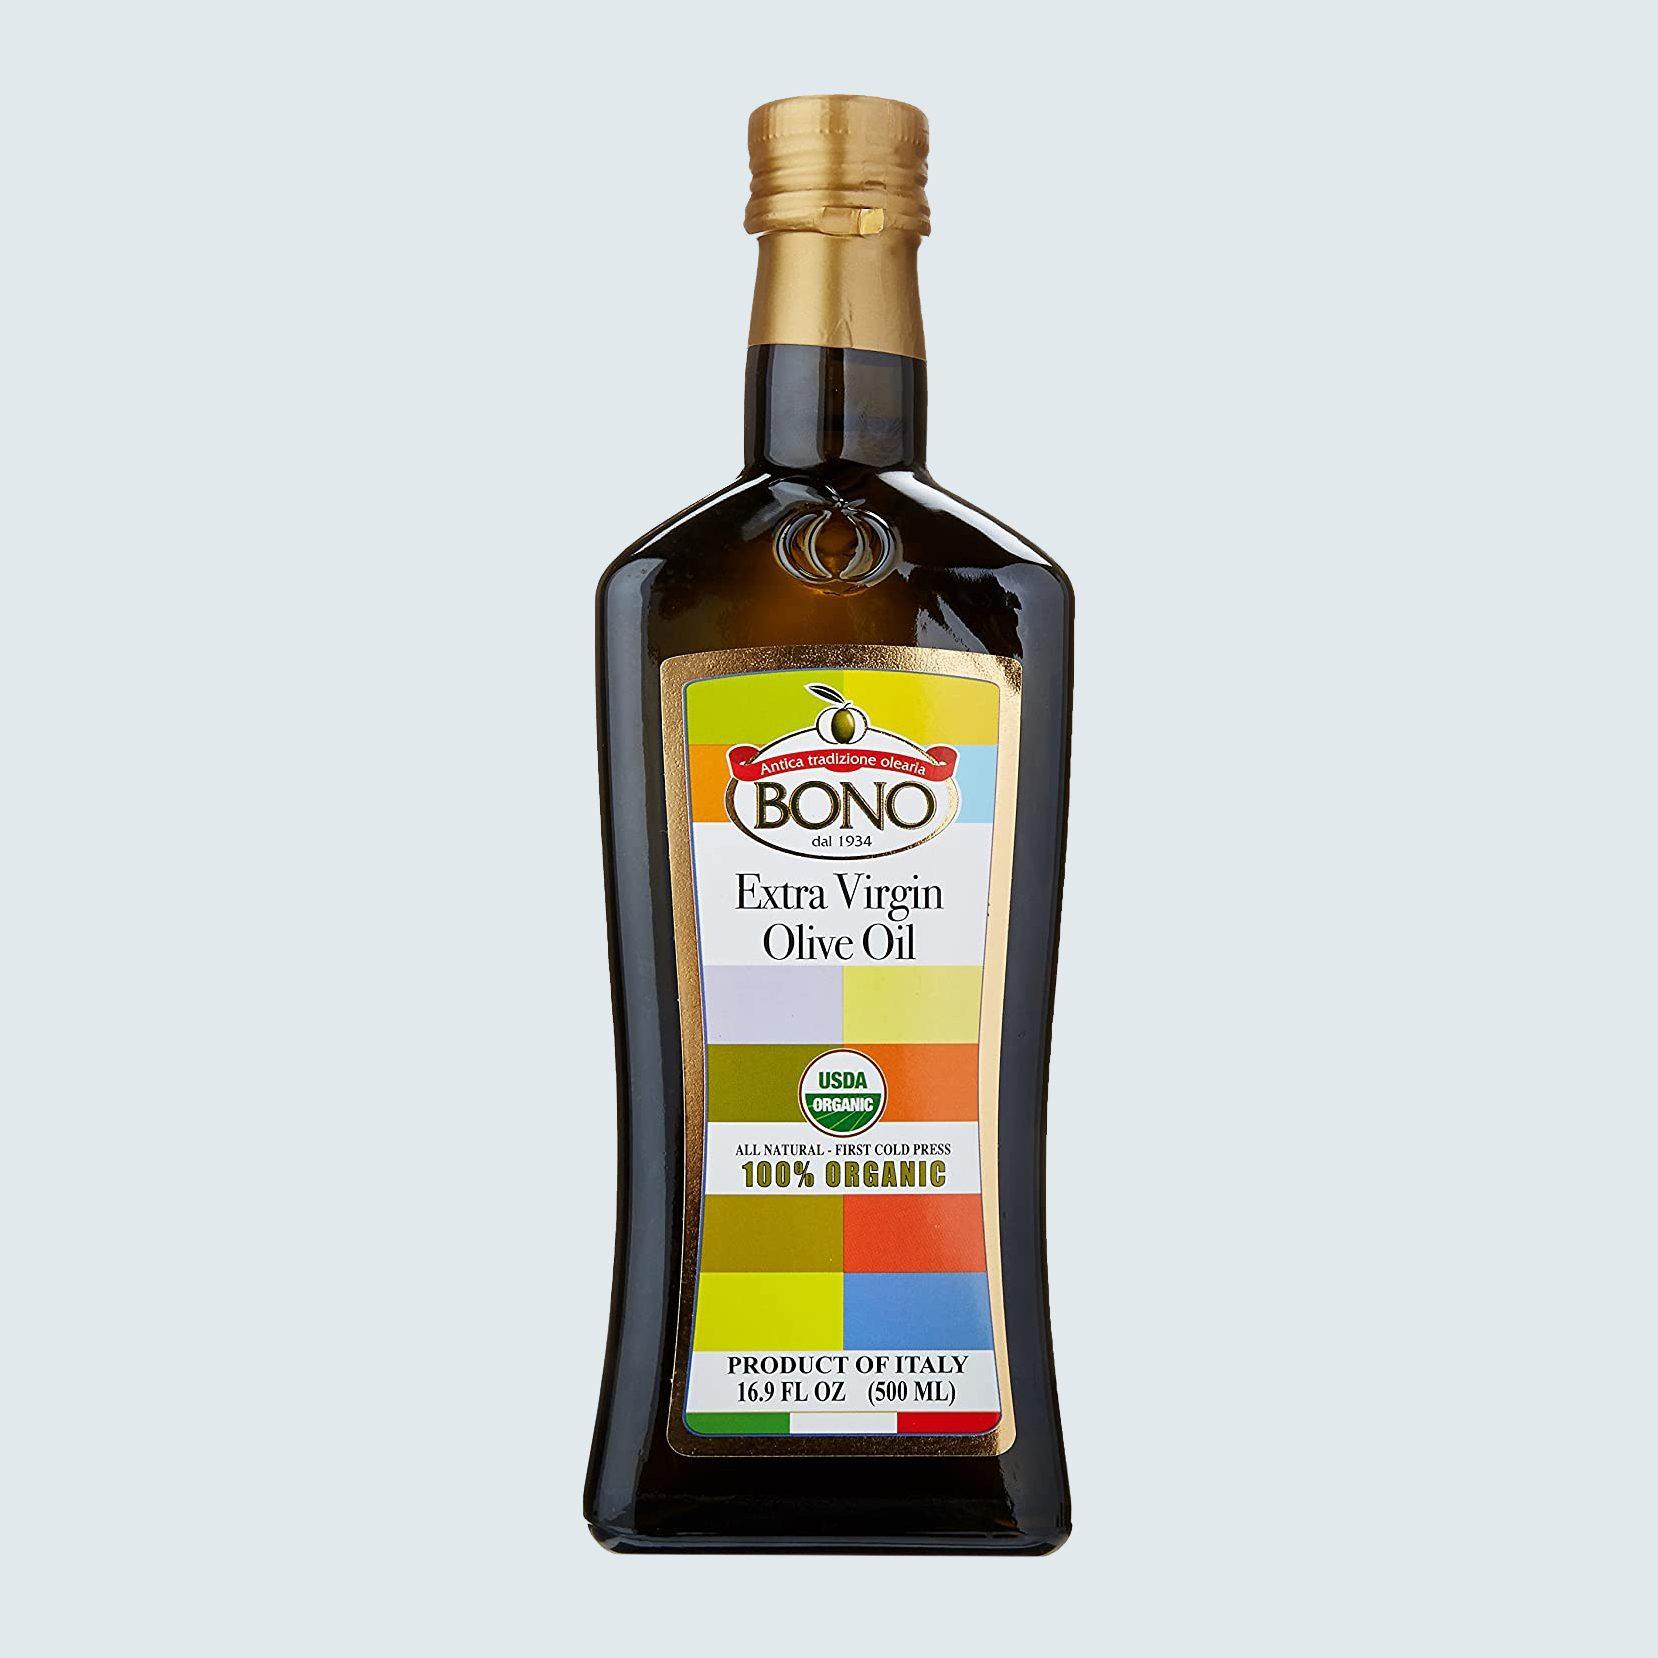 Bono 100% Italian Organic Extra Virgin Olive Oil